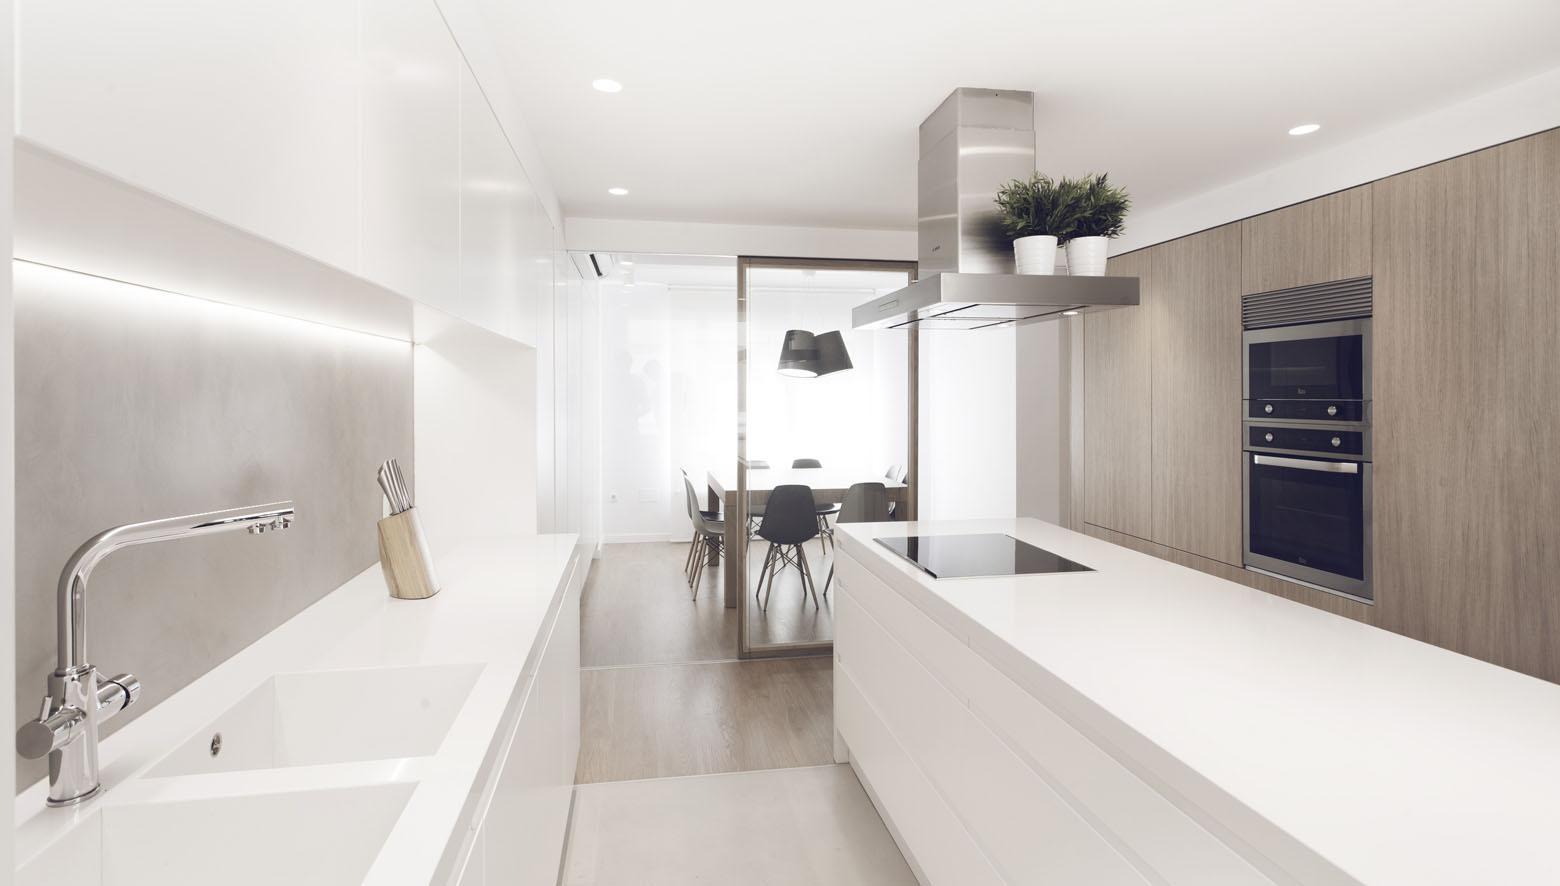 дизайн интерьера квартир домов